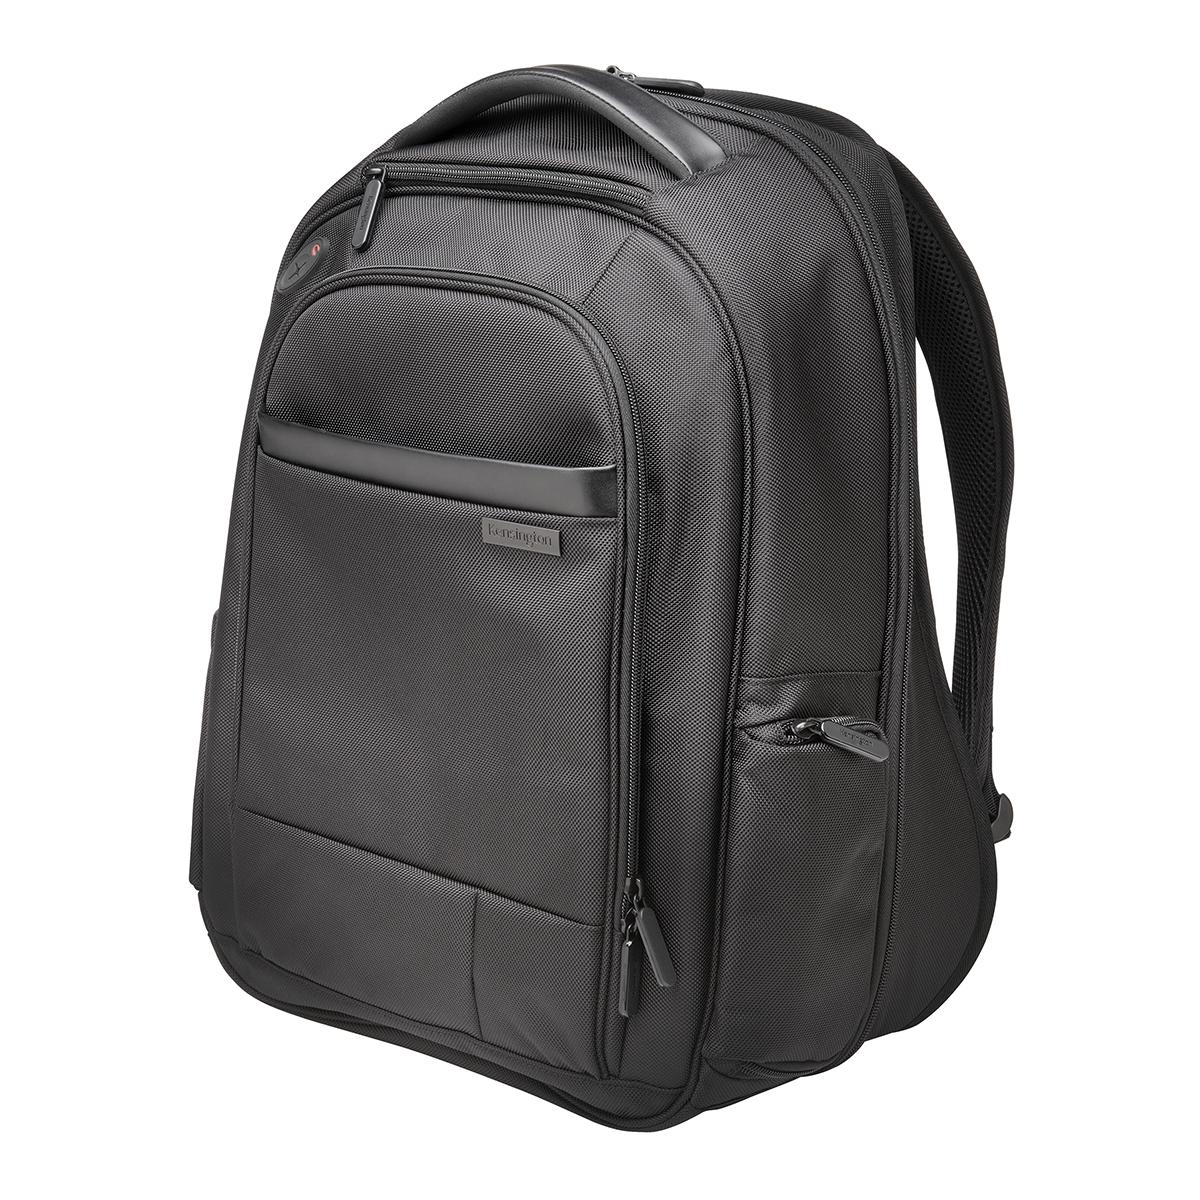 Kensington  K60381EU Contour 2.0 17 Inch Pro Backpack